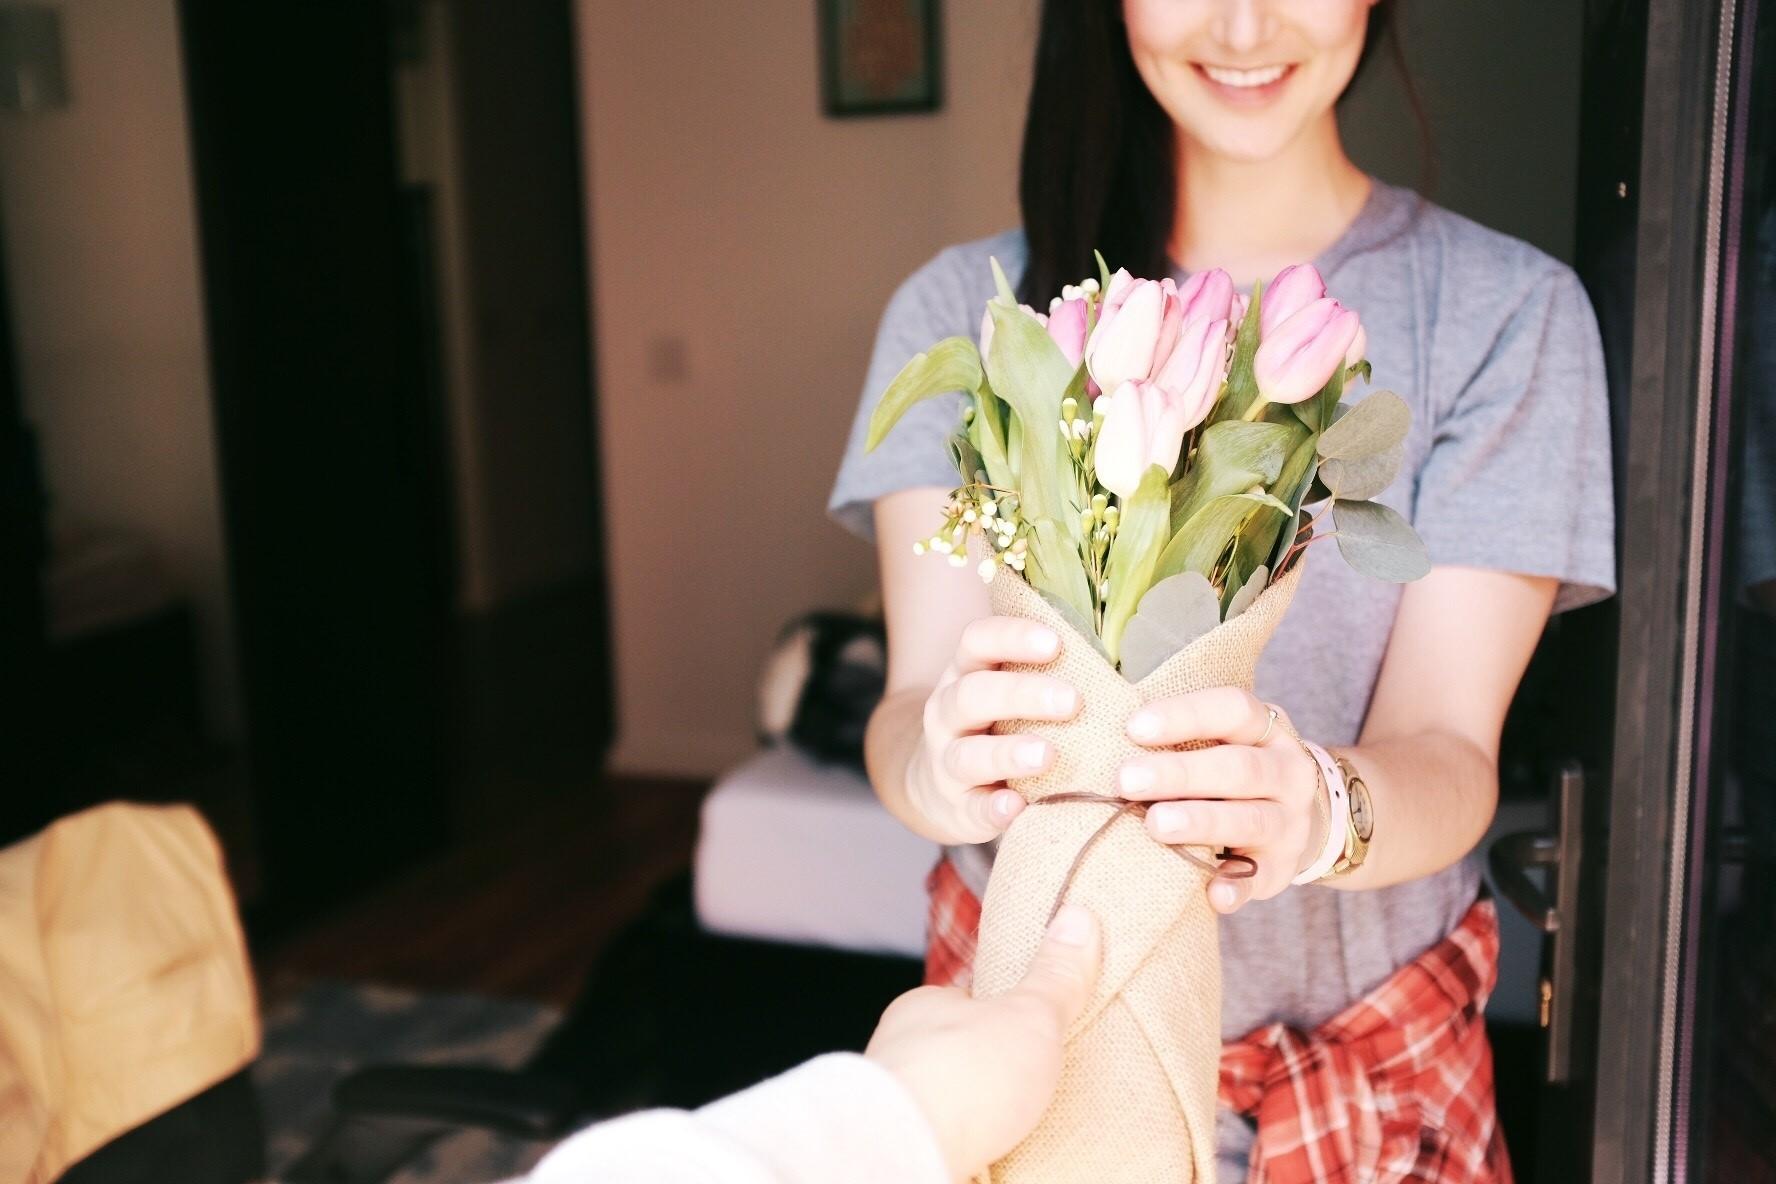 Memberikan bunga untuk kekasih